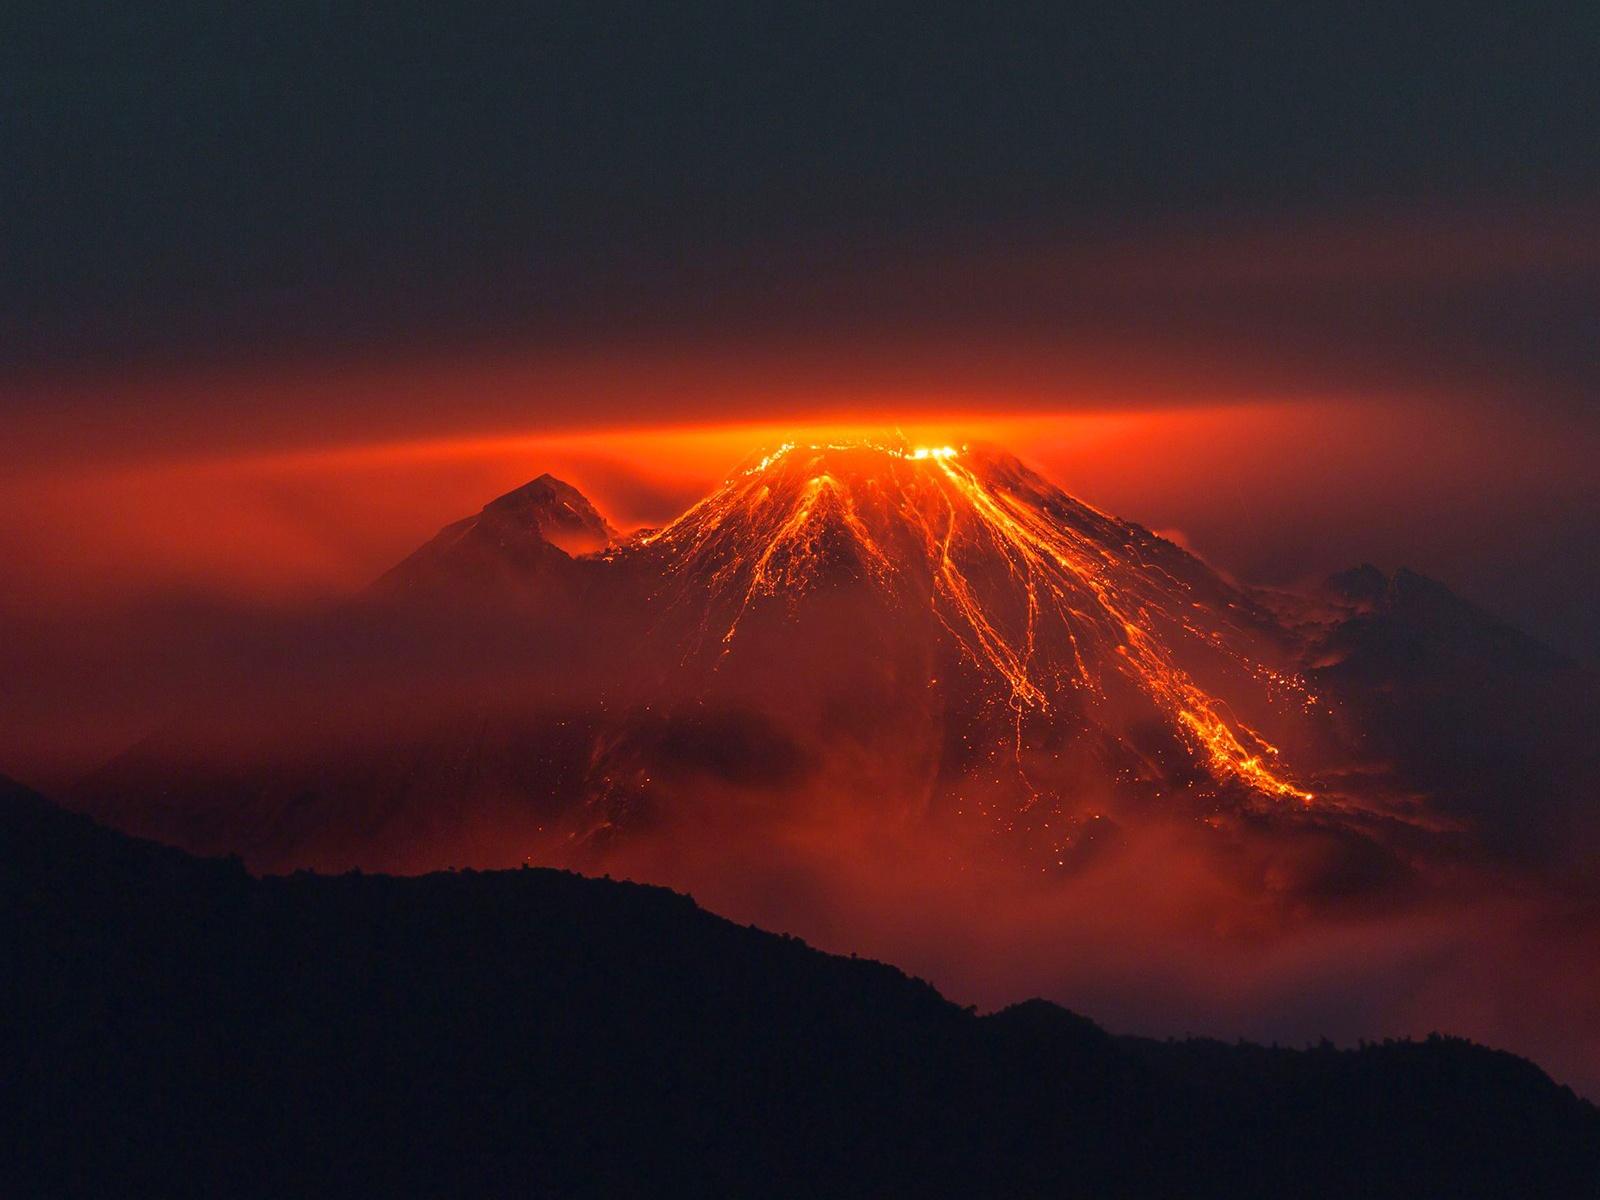 lava hd